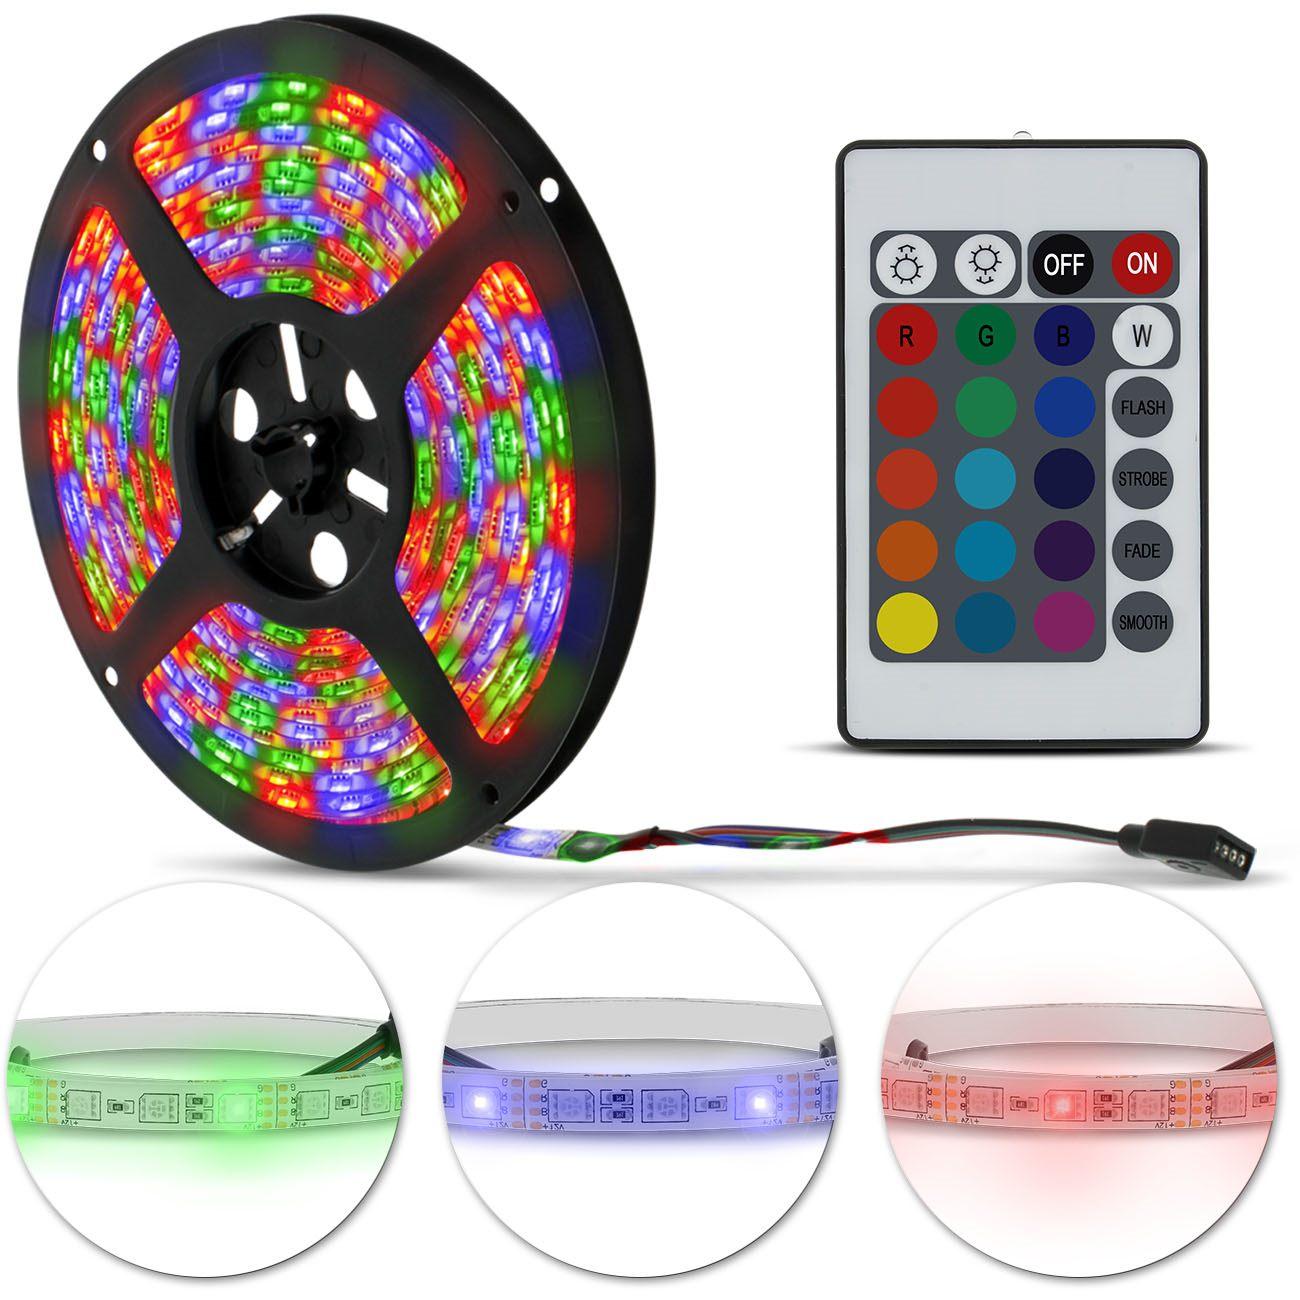 Fita LED Strip Bobina Rolo 5 metros 300 LEDs 12V 24W Colorida Carro Farol Decoração